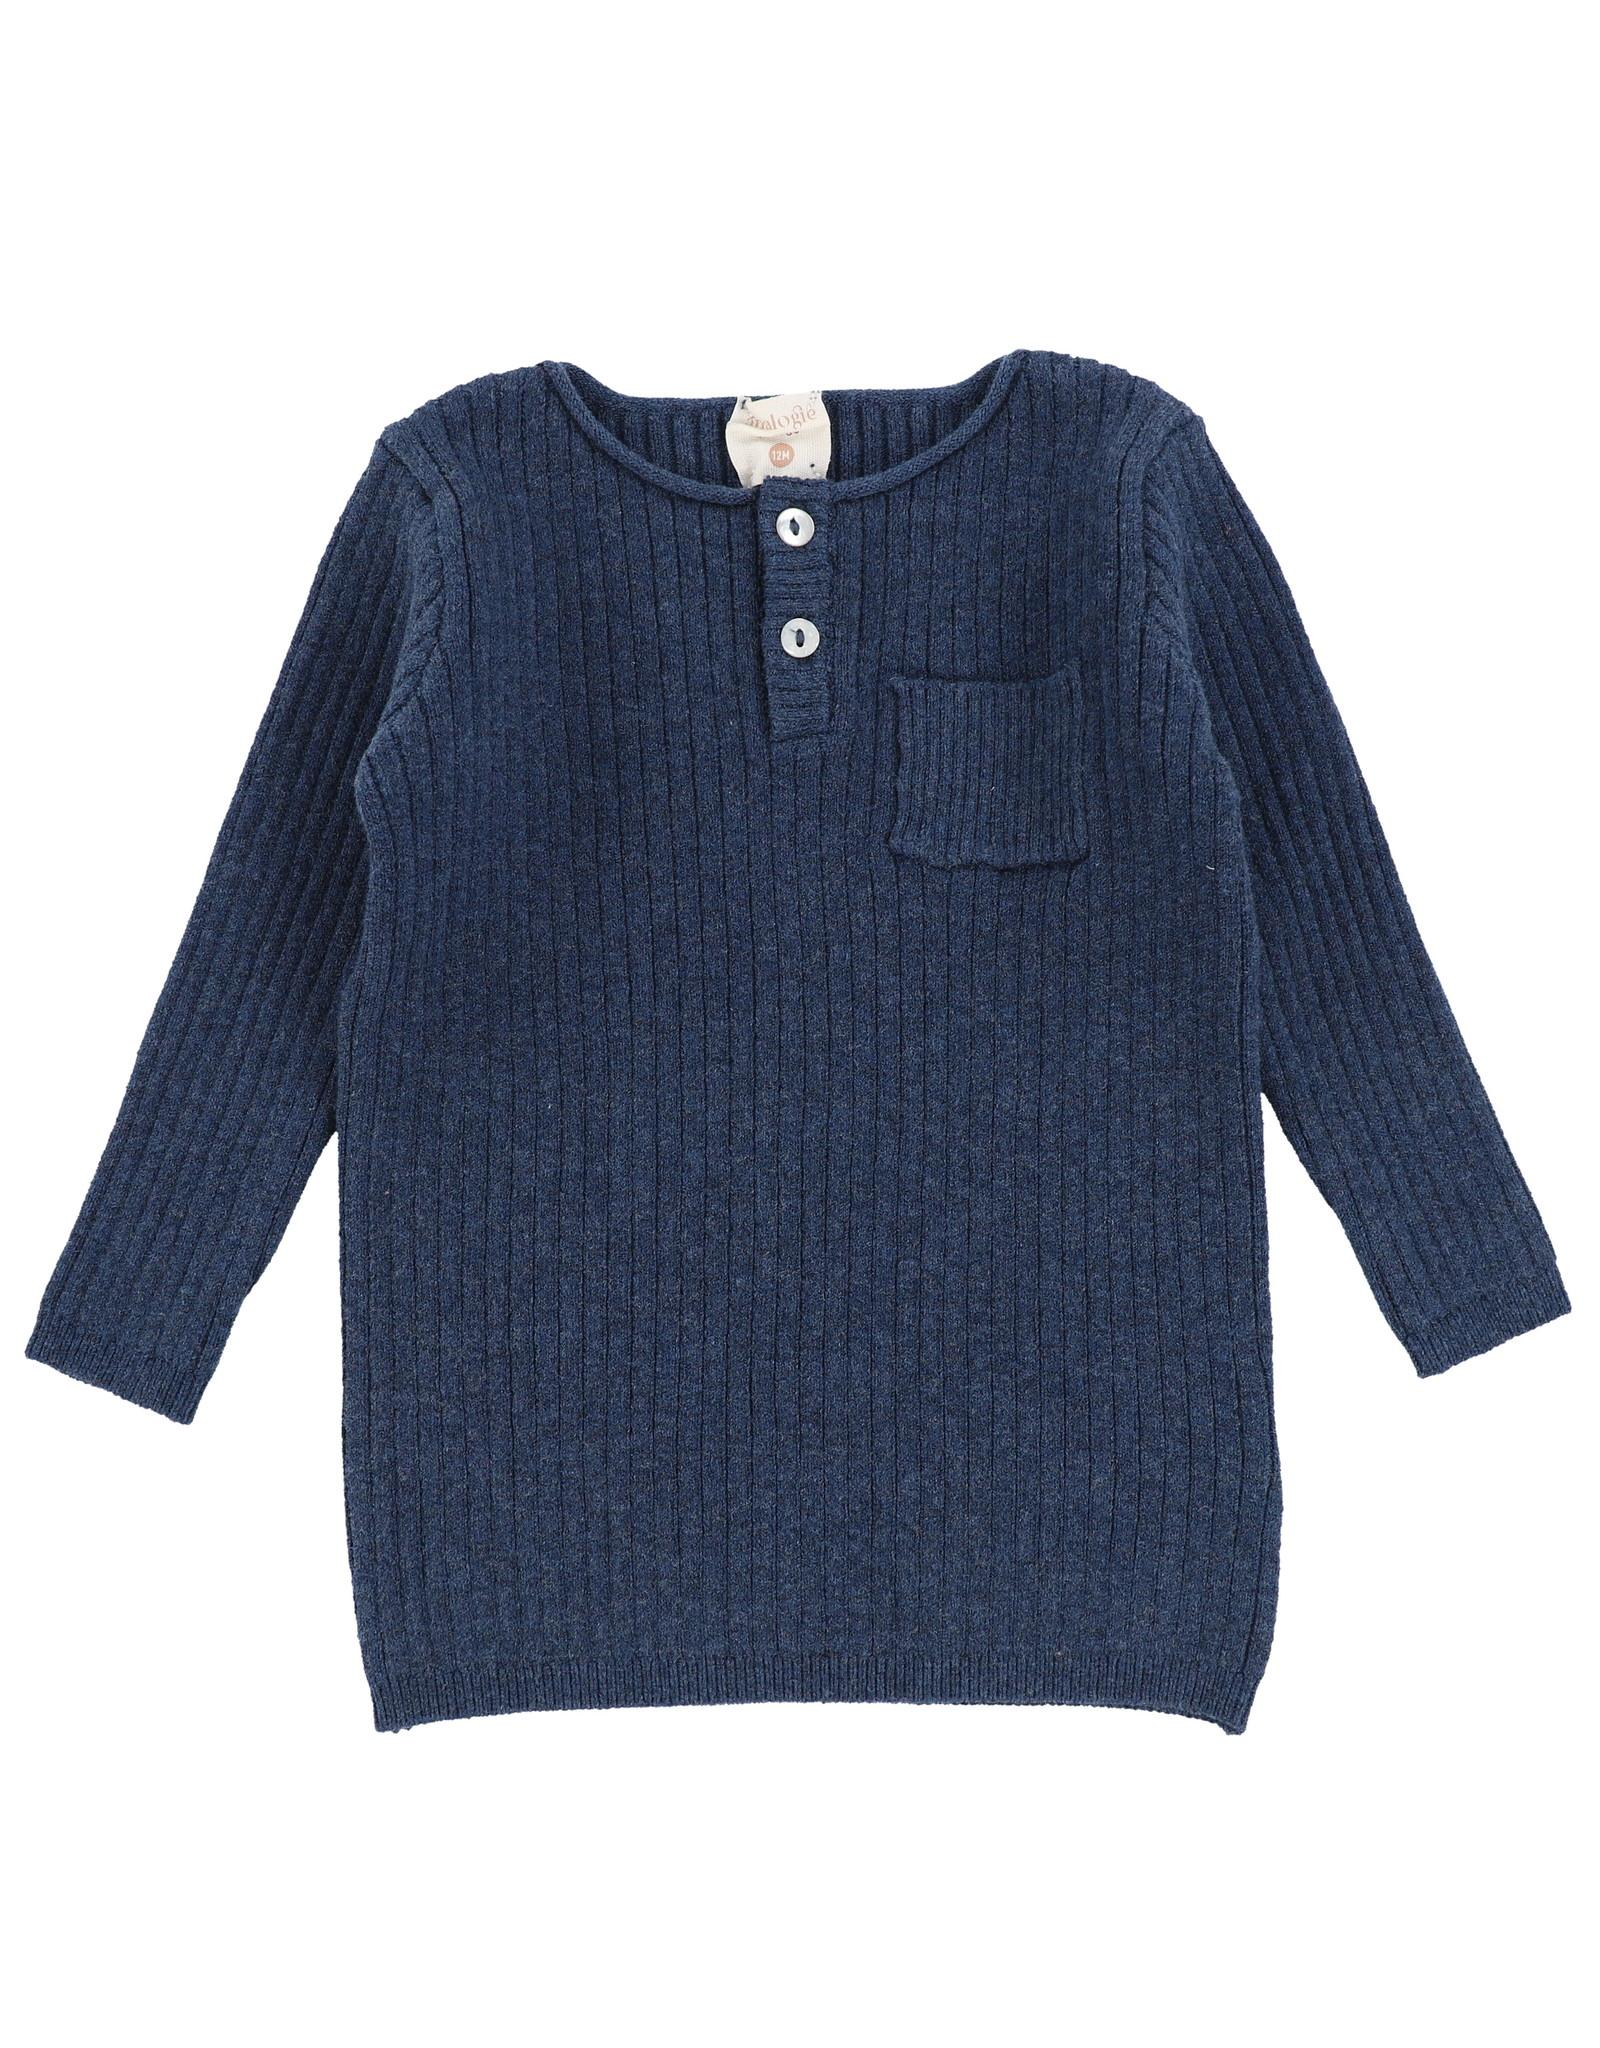 Analogie Analogie Pocket Sweater